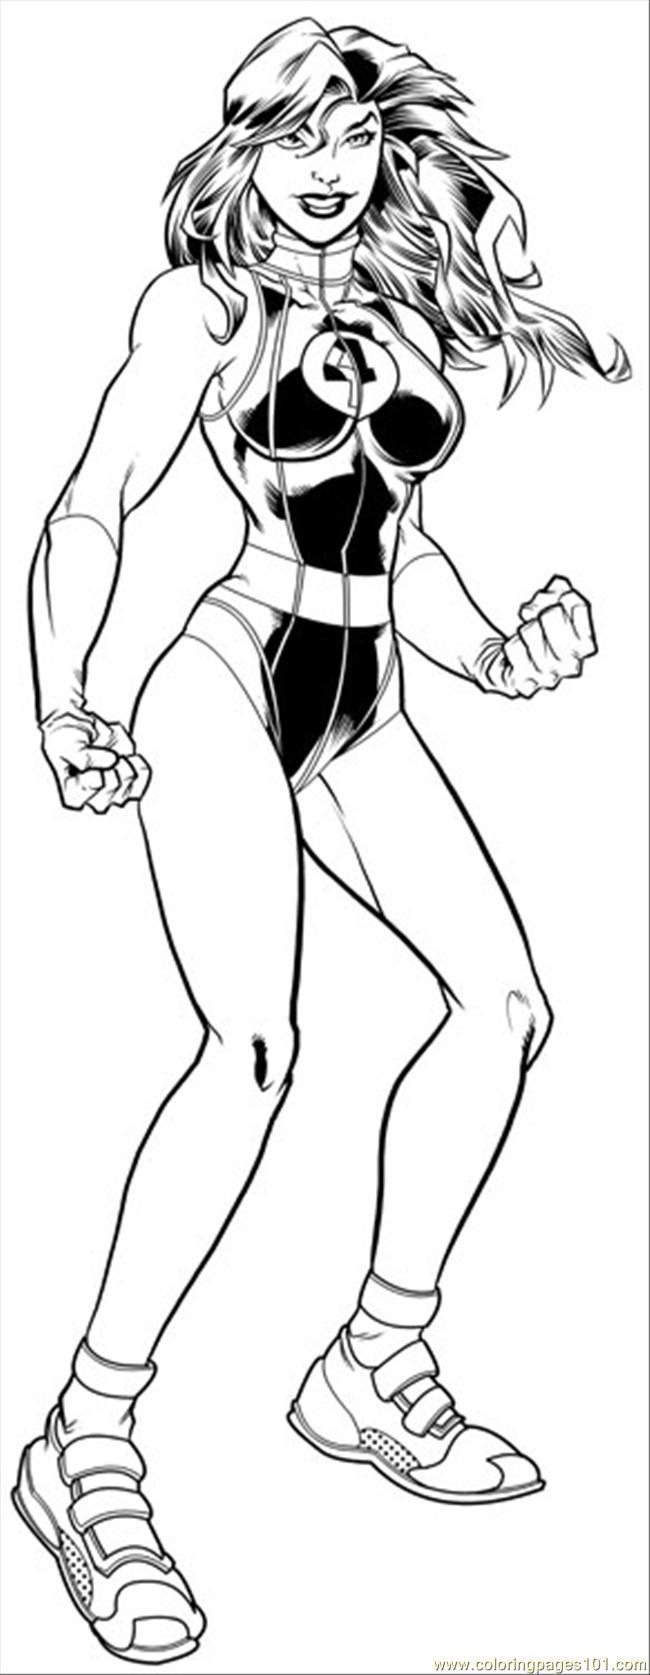 Shehulk inks r2 coloring page free hulk coloring pages for Hulk coloring pages online